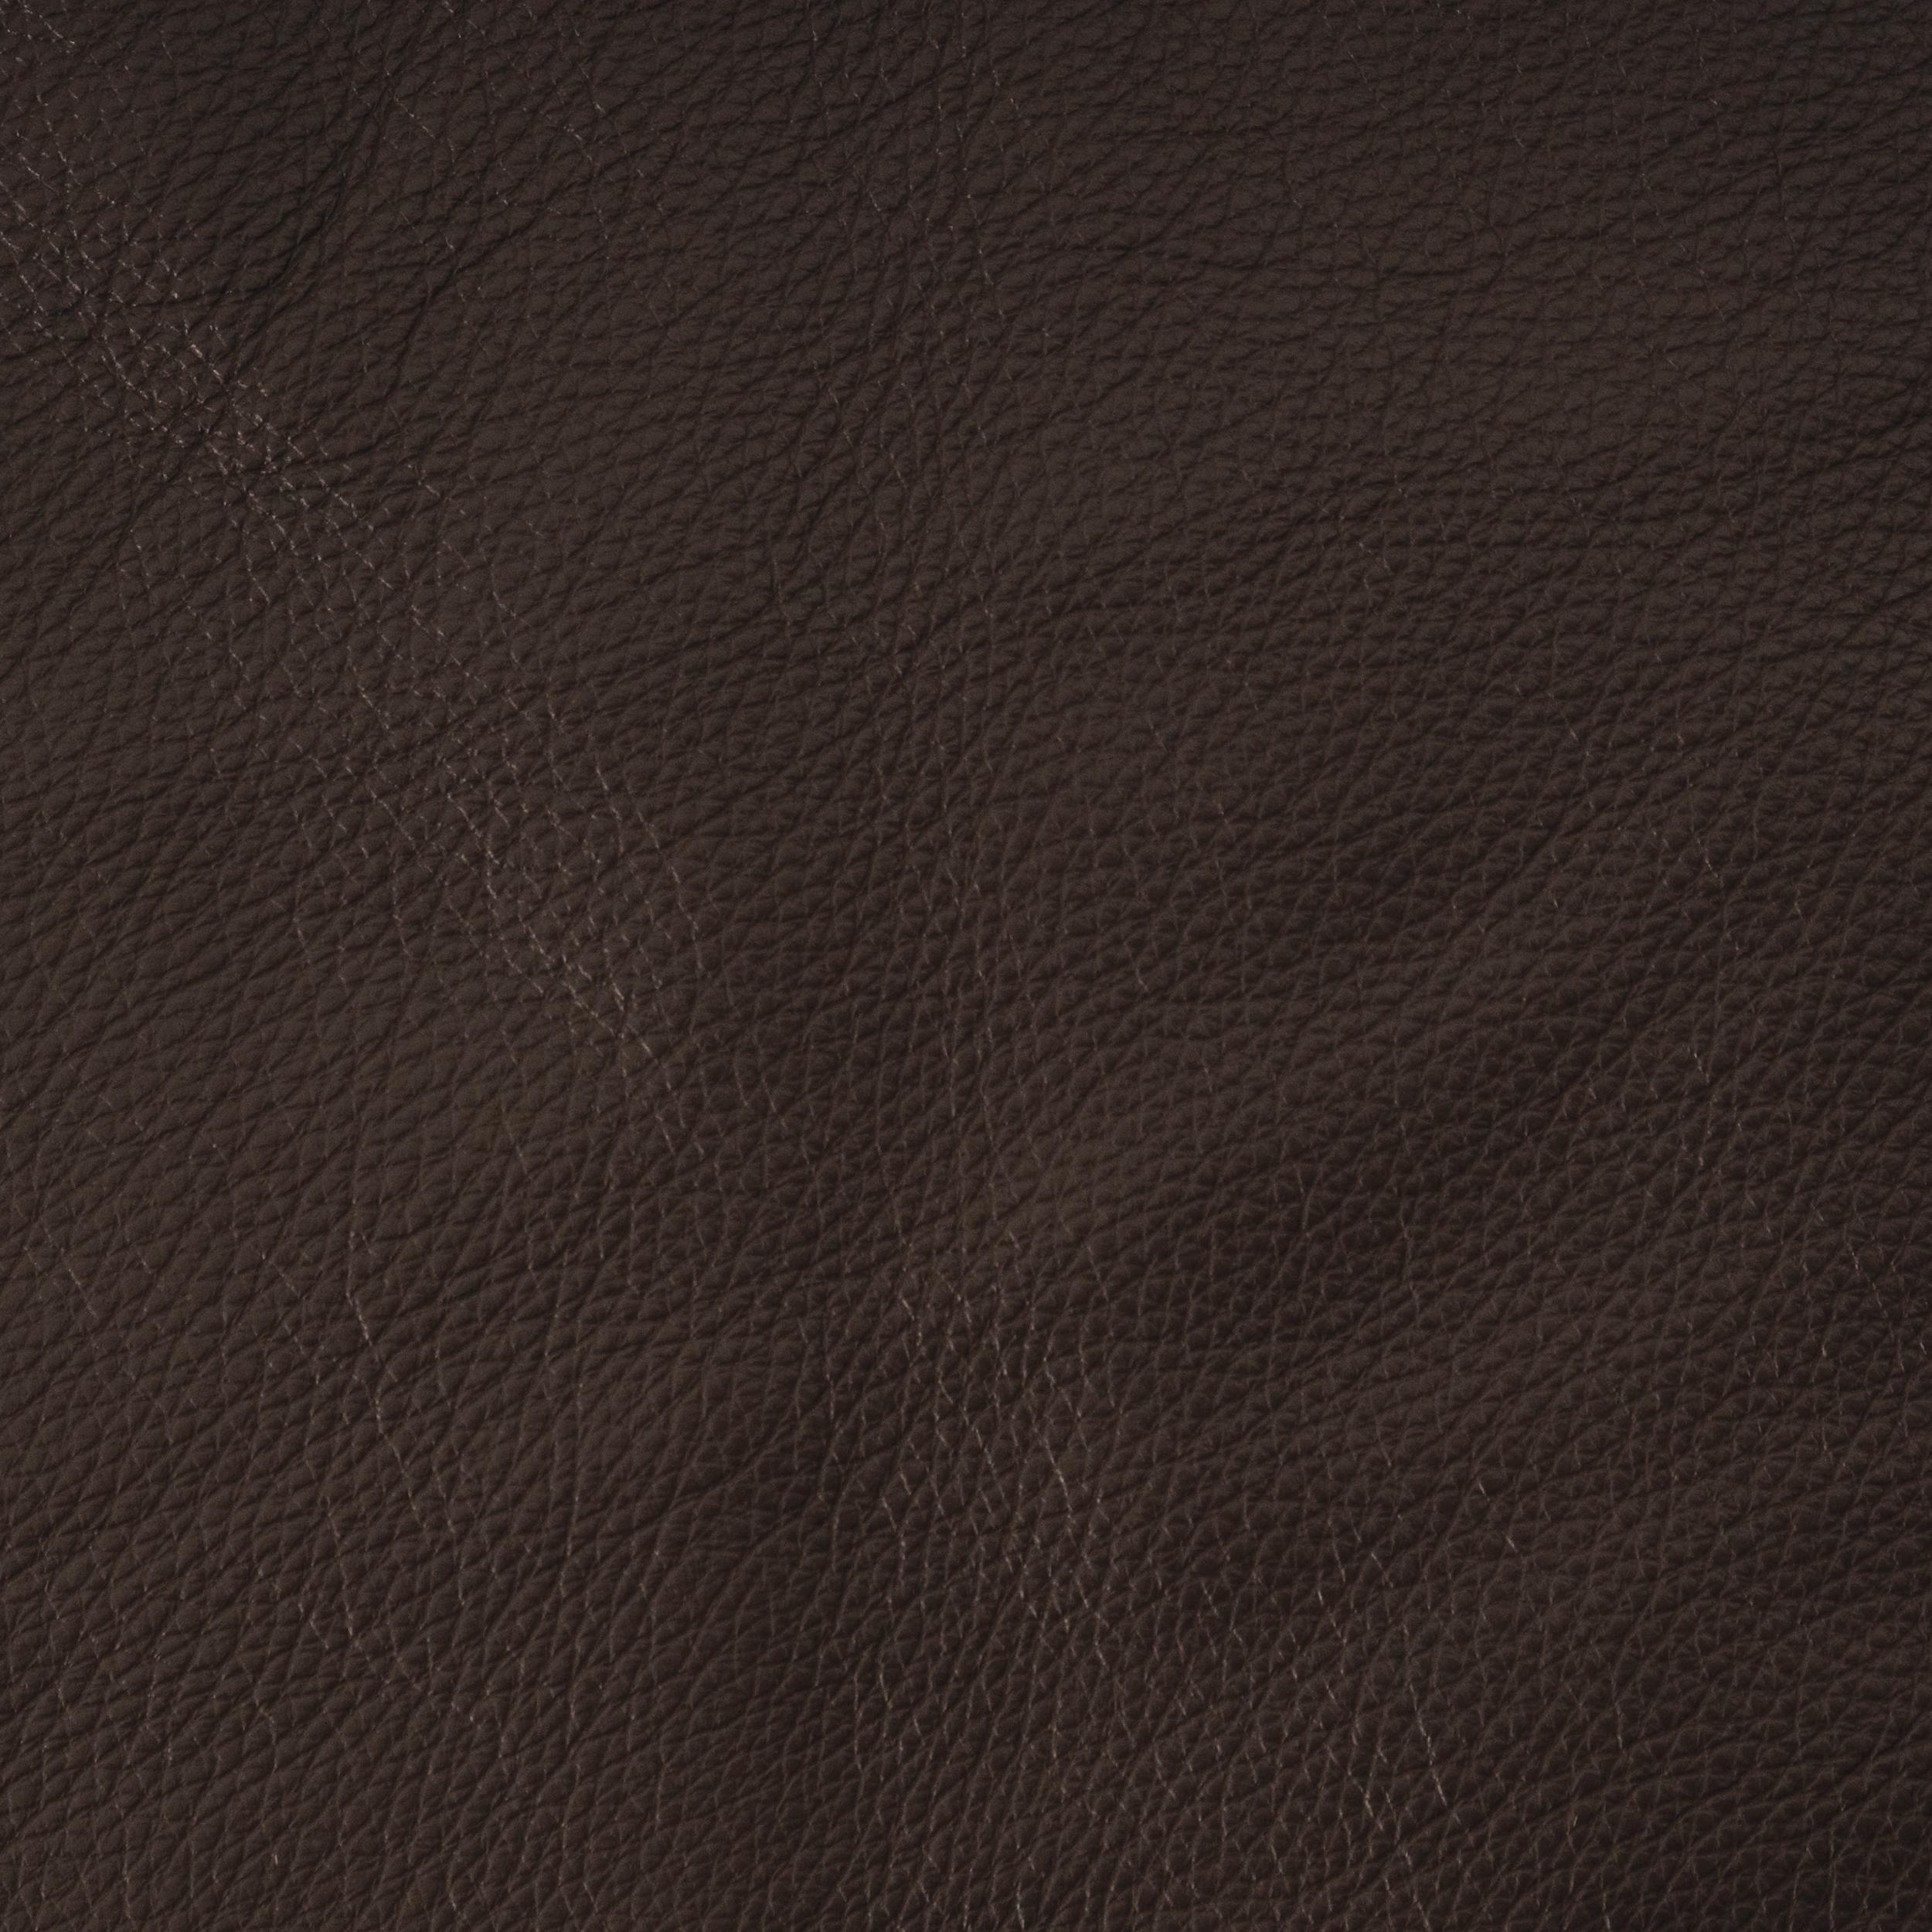 Mesa Espresso Leather